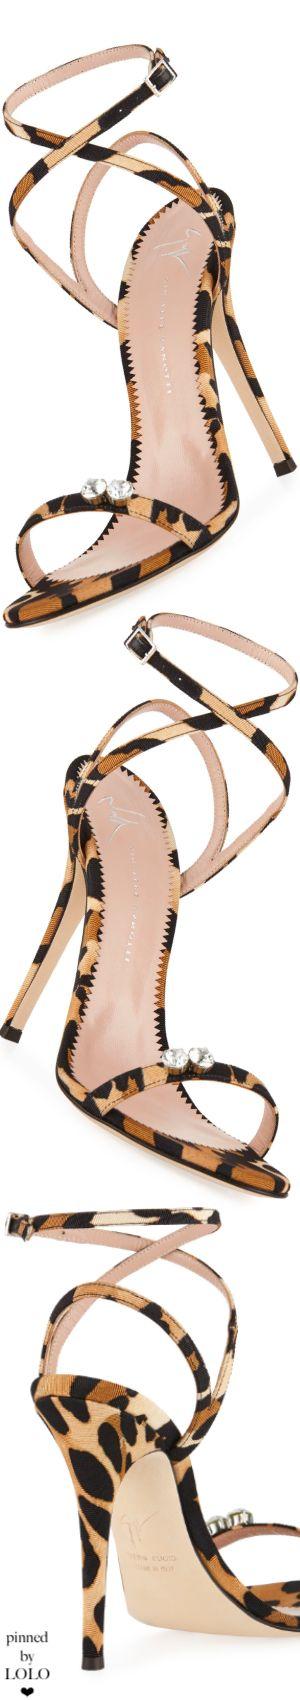 Giuseppe Zanotti Leopard-Print Grosgrain Sandal #giuseppezanottiheelssandals